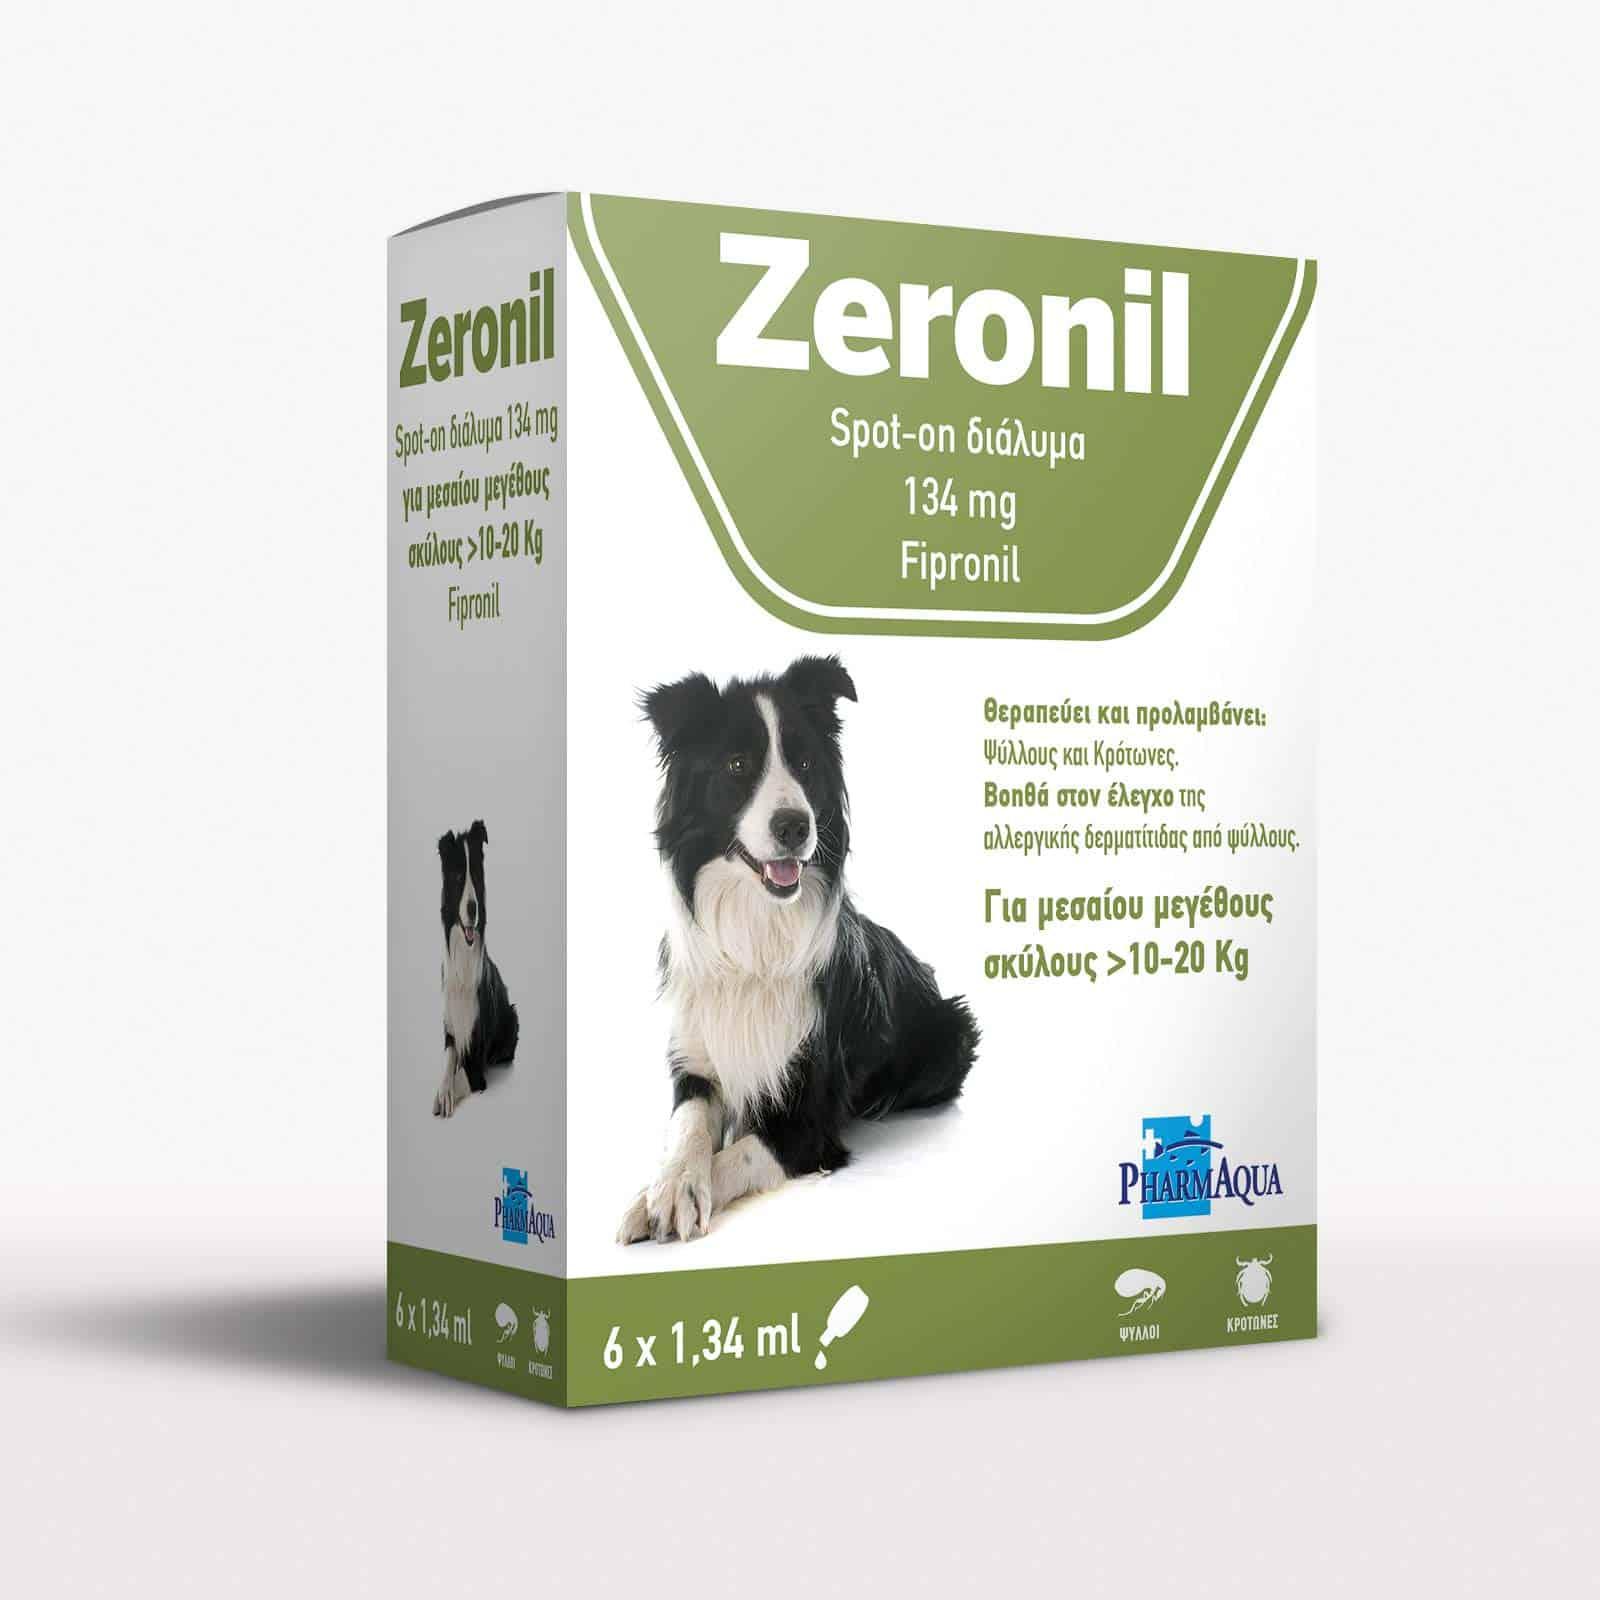 PROPAGANDA - zeronil green